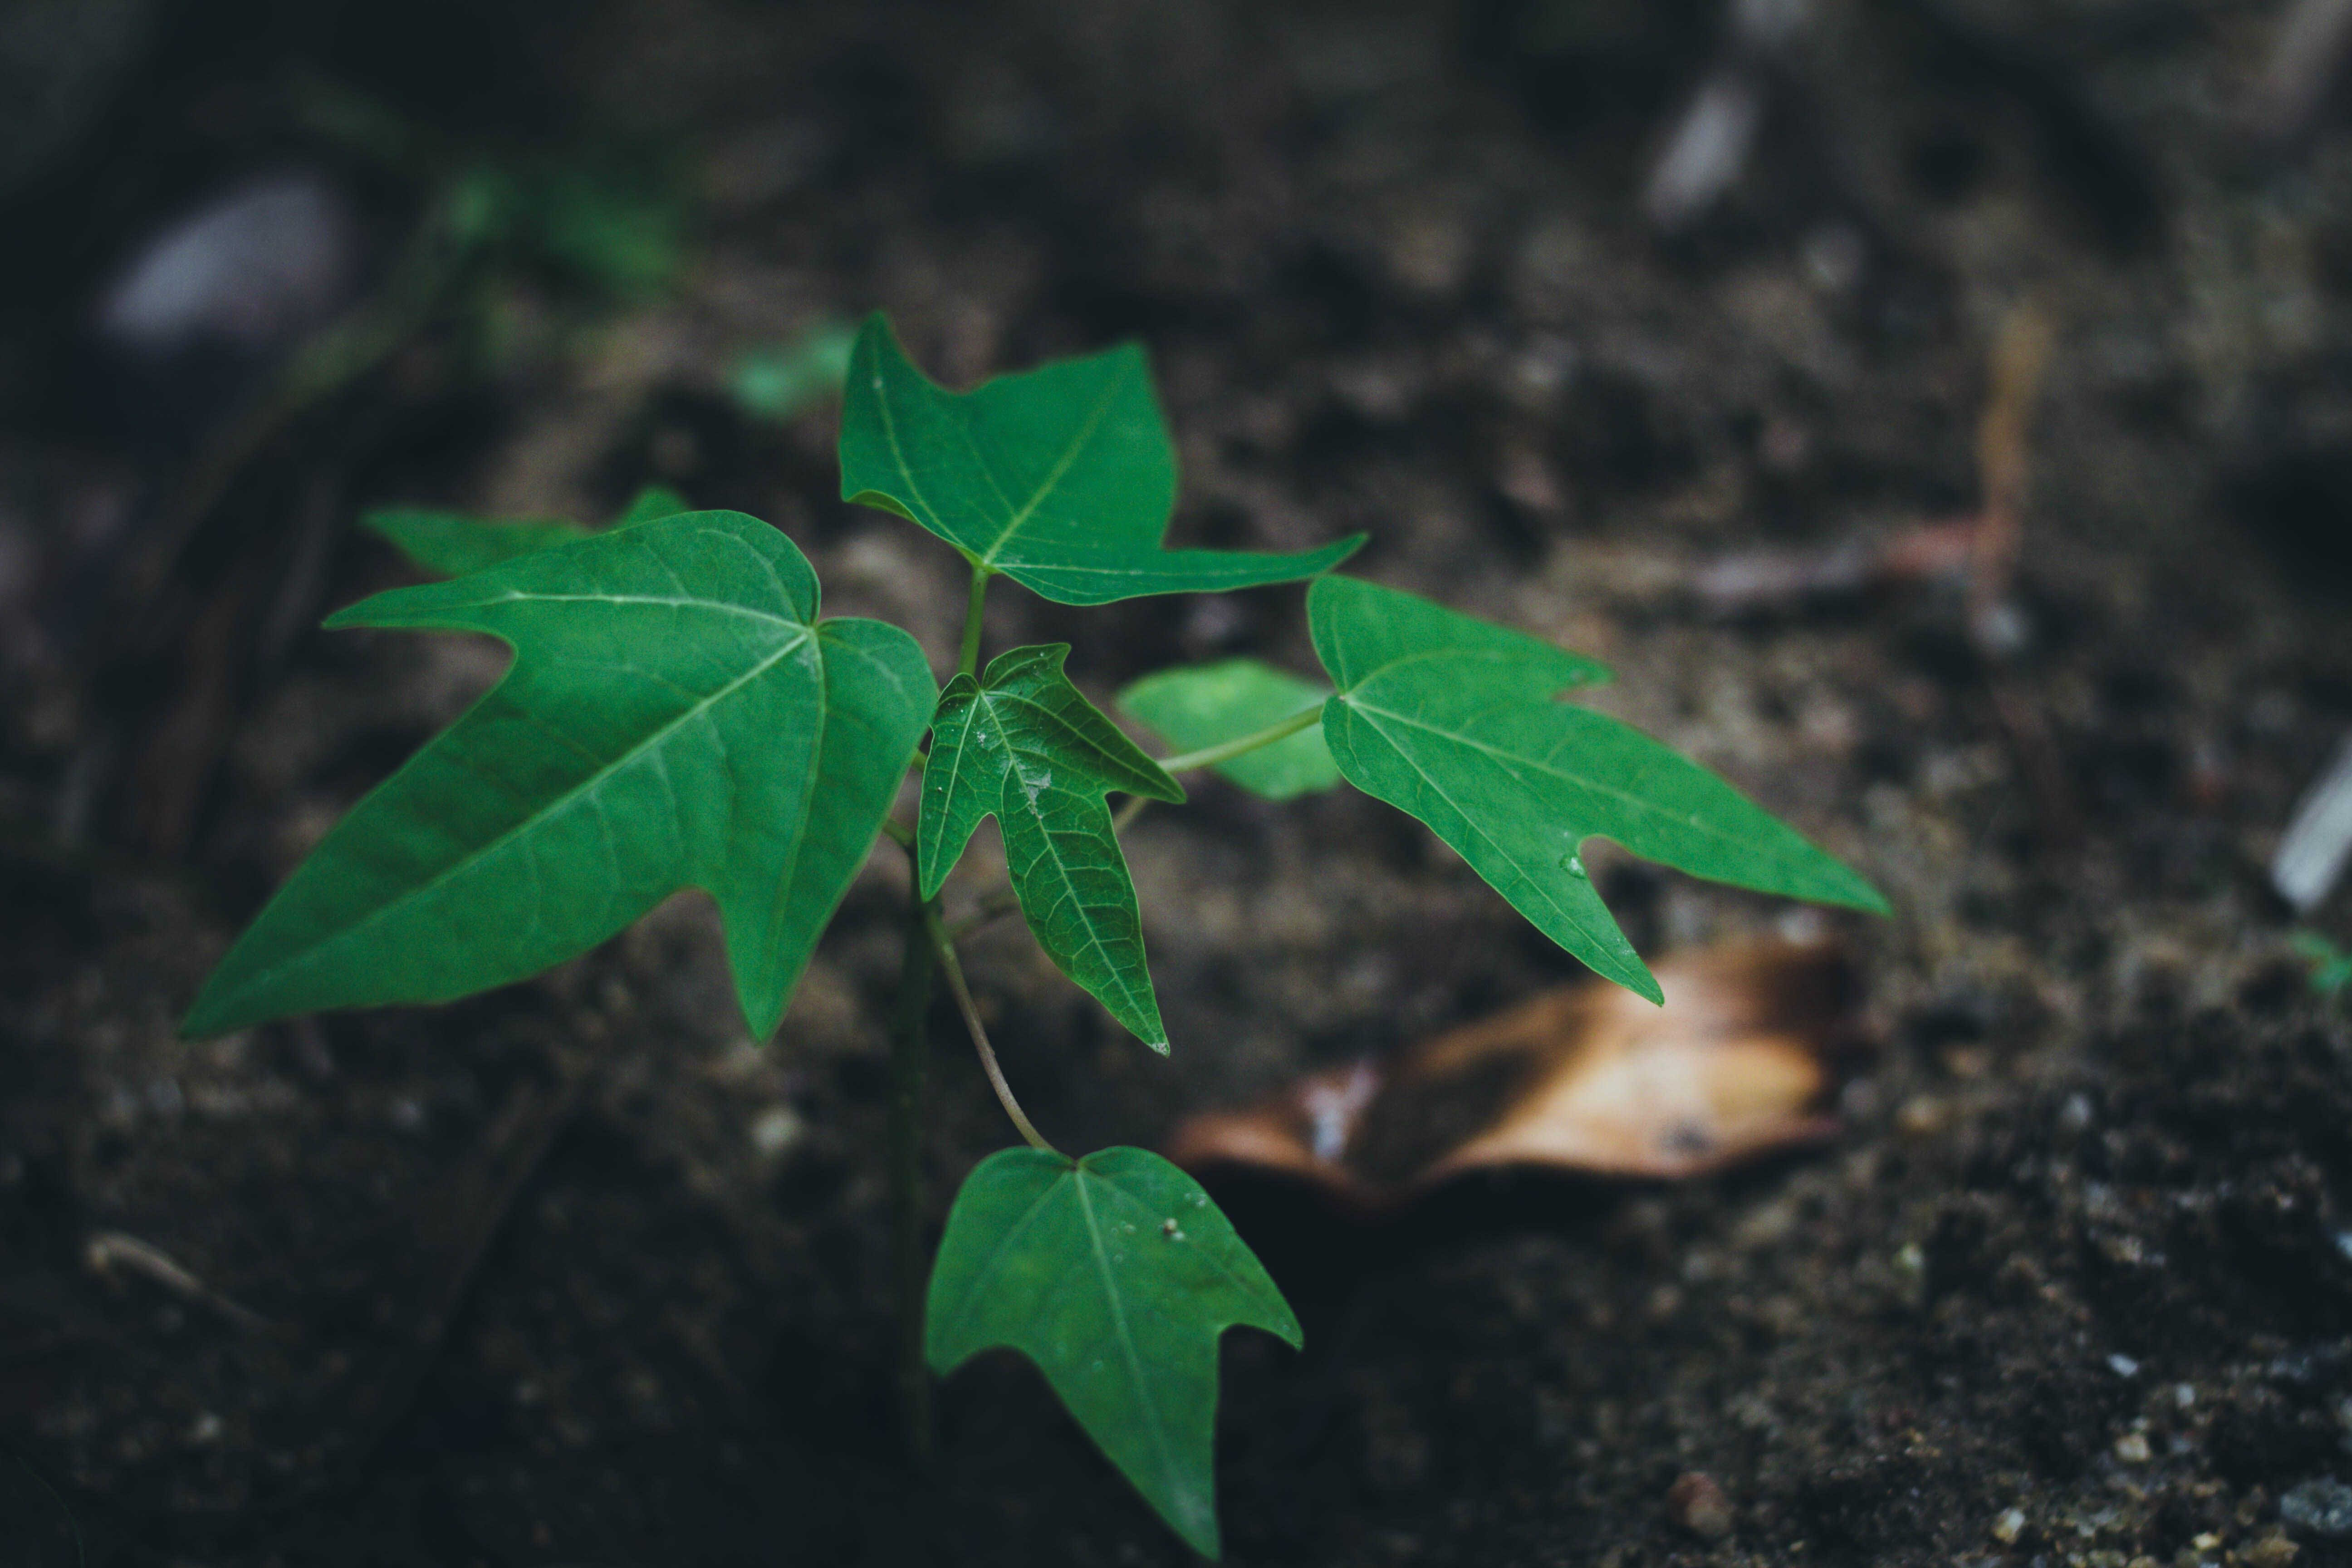 green, soid, tree